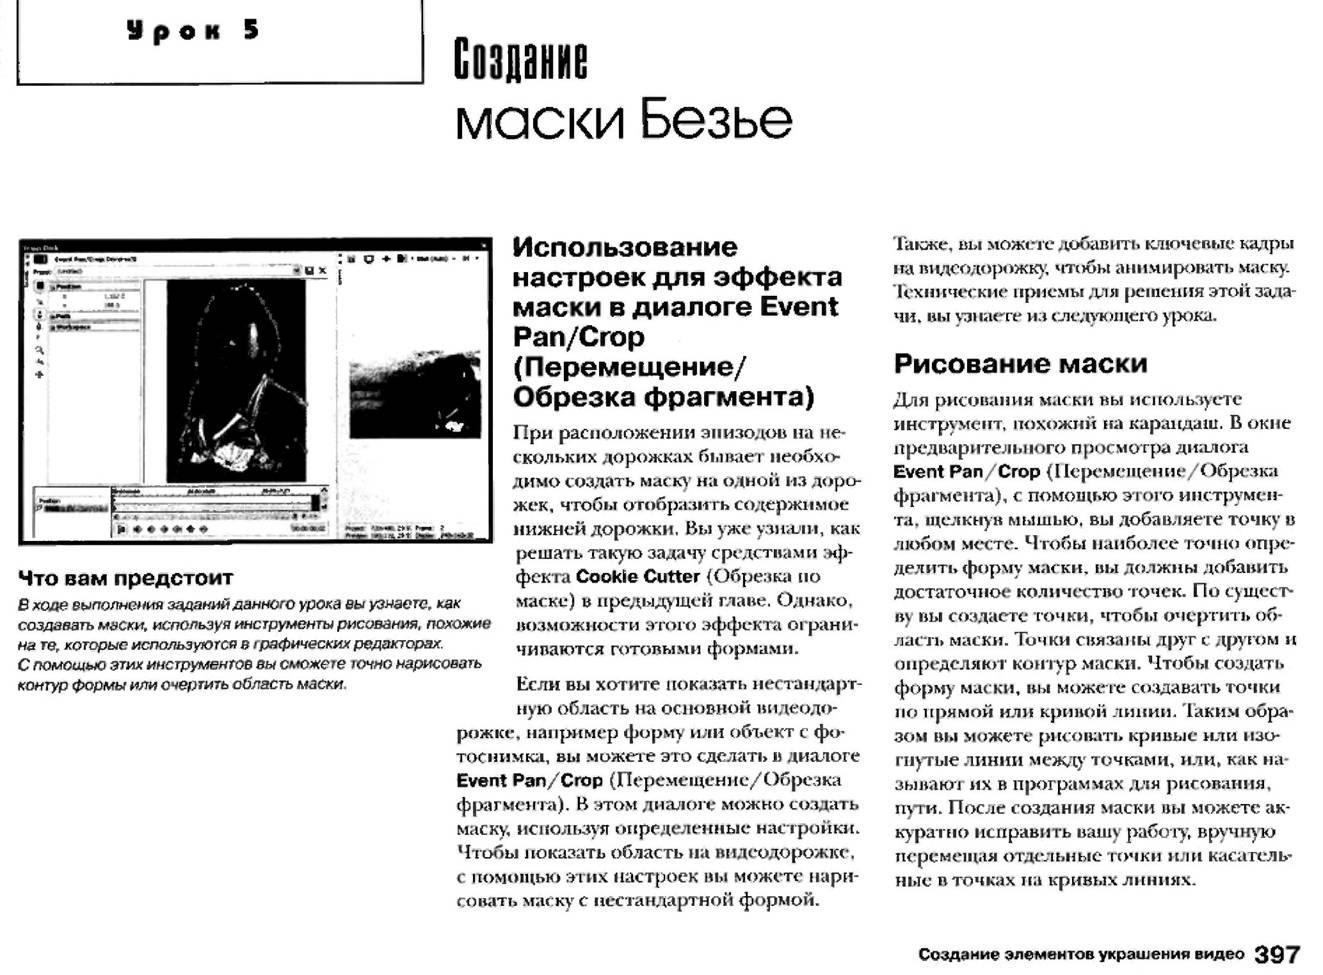 http://redaktori-uroki.3dn.ru/_ph/12/55283413.jpg